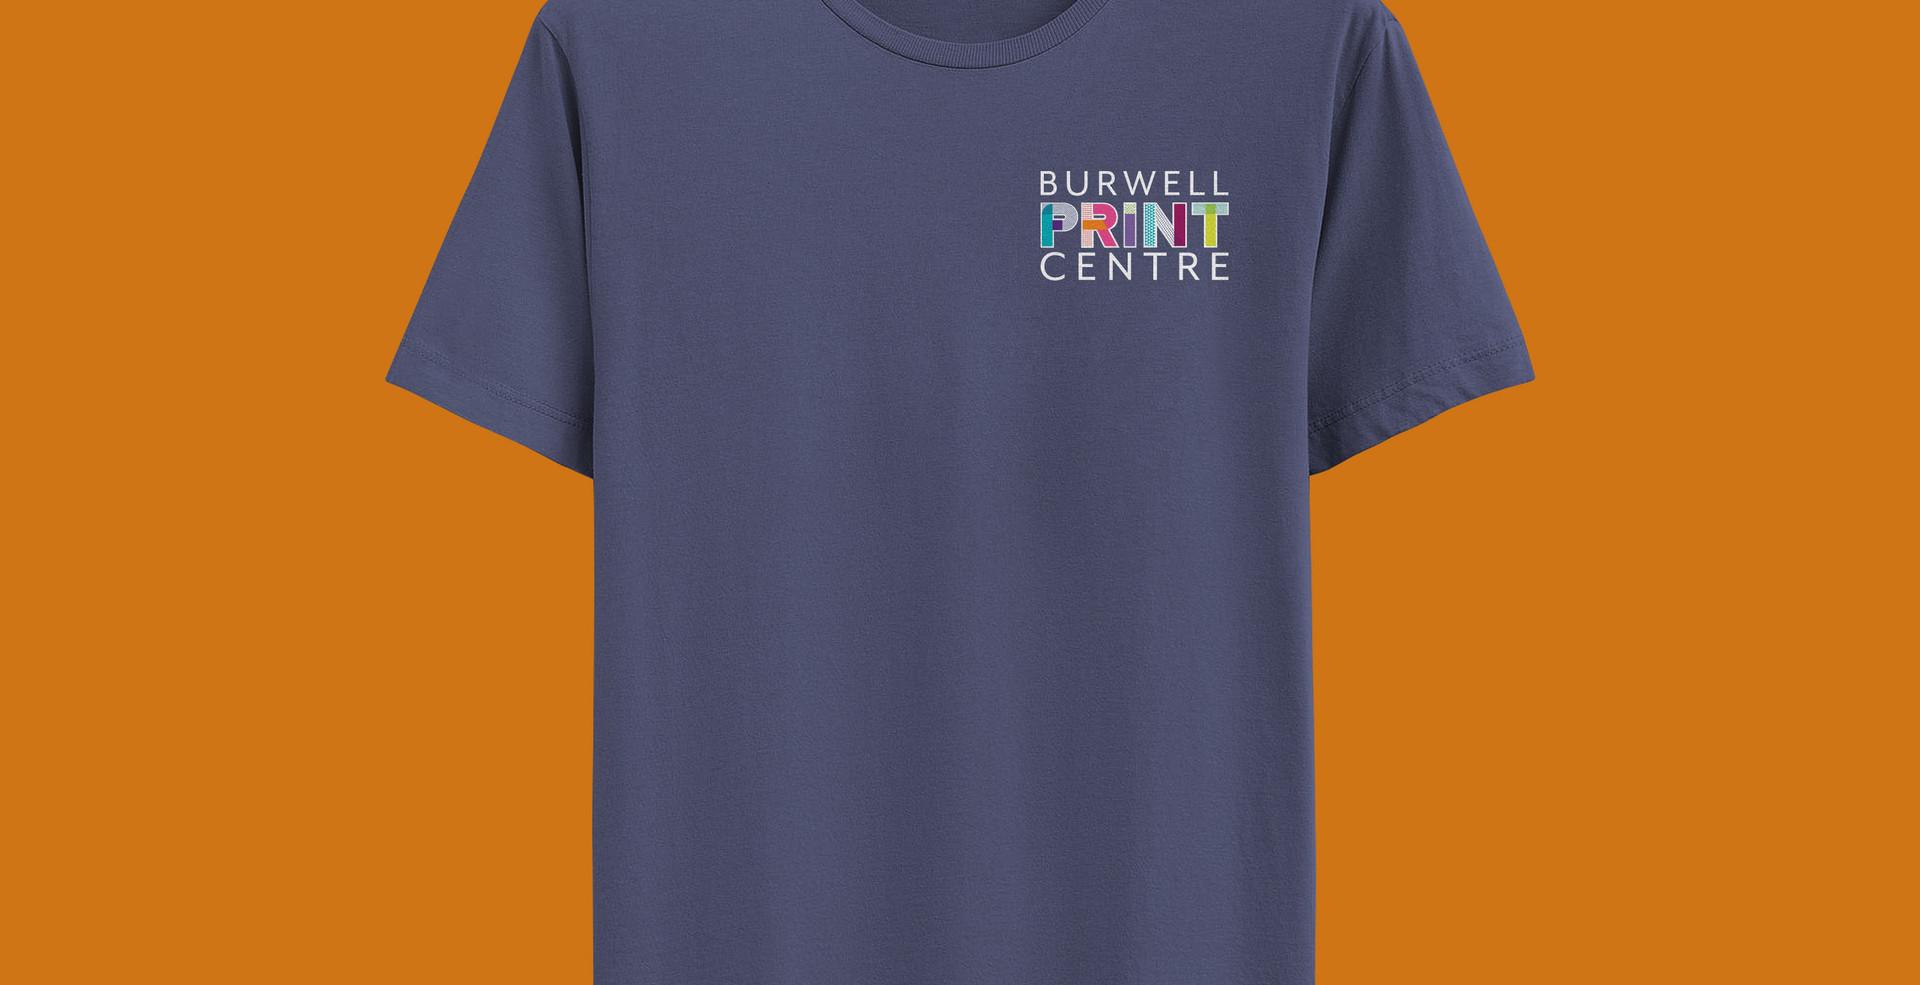 Printed T shirts